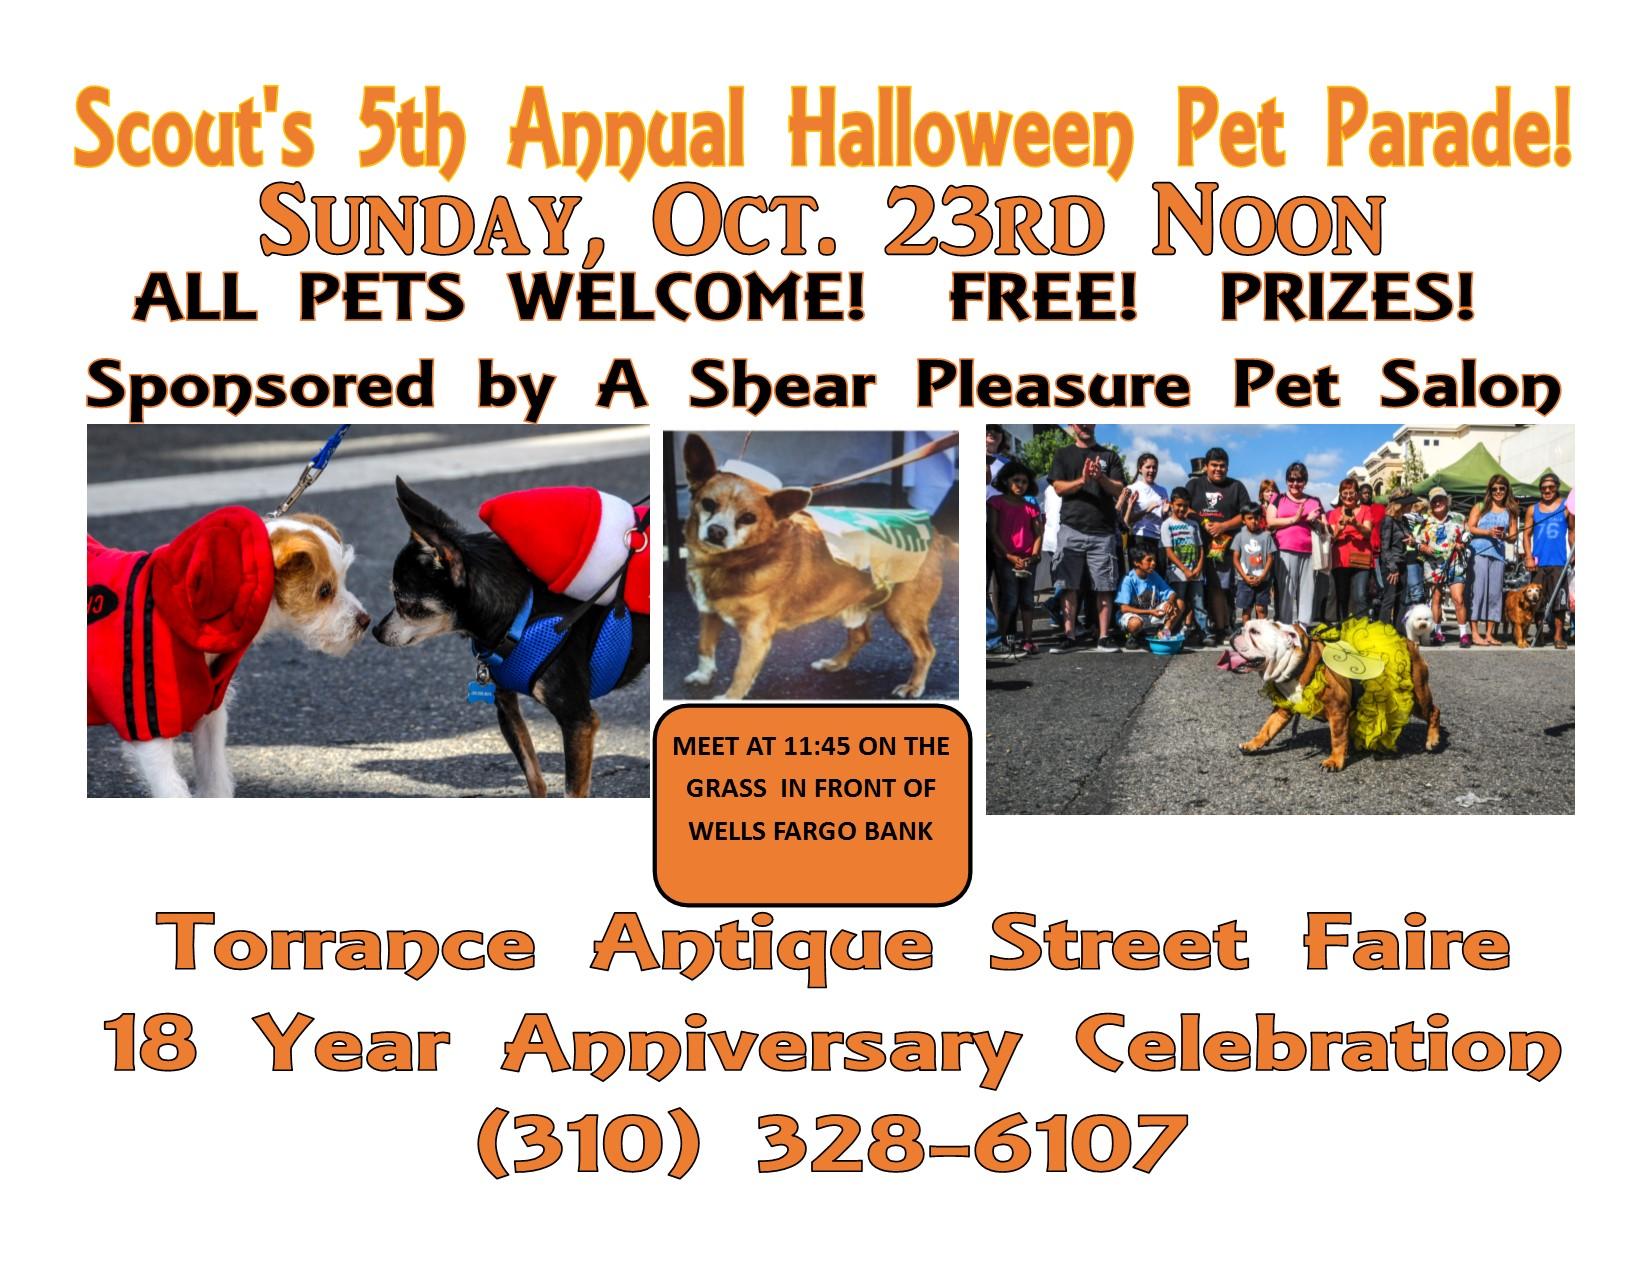 Torrance antique street faire pet parade halloween for A shear pleasure pet salon